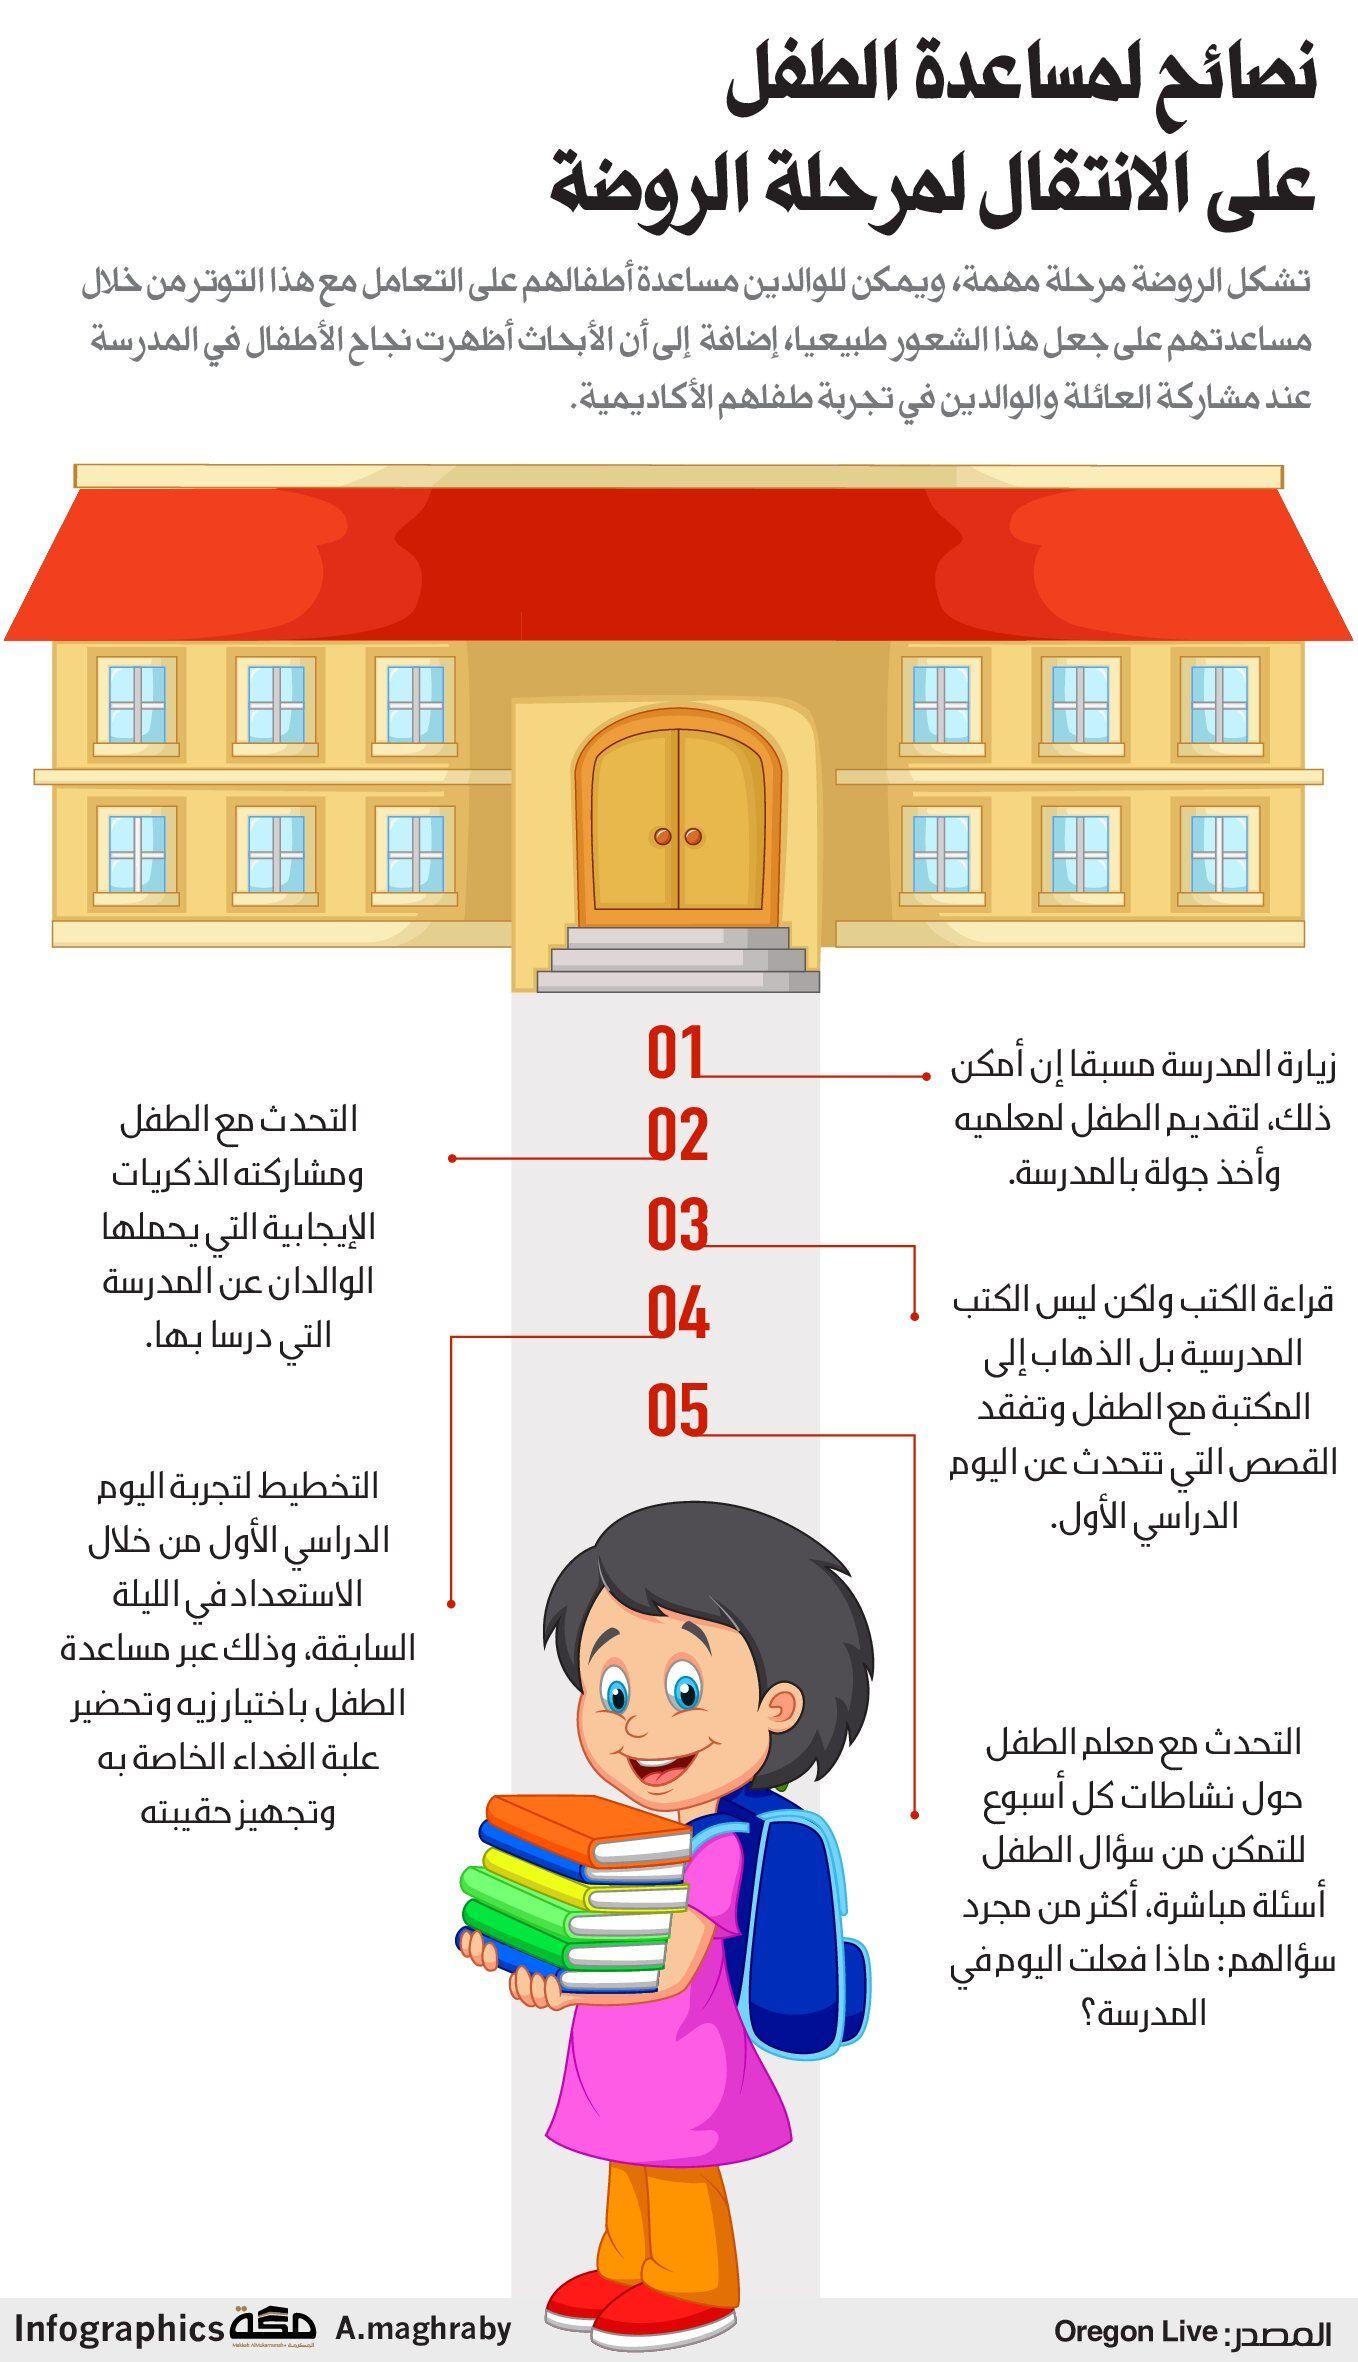 نصائح لمساعدة الطفل على الانتقال لمرحلة الروضة صحيفةـمكة انفوجرافيك مجتمع School Library Family Guy Infographic